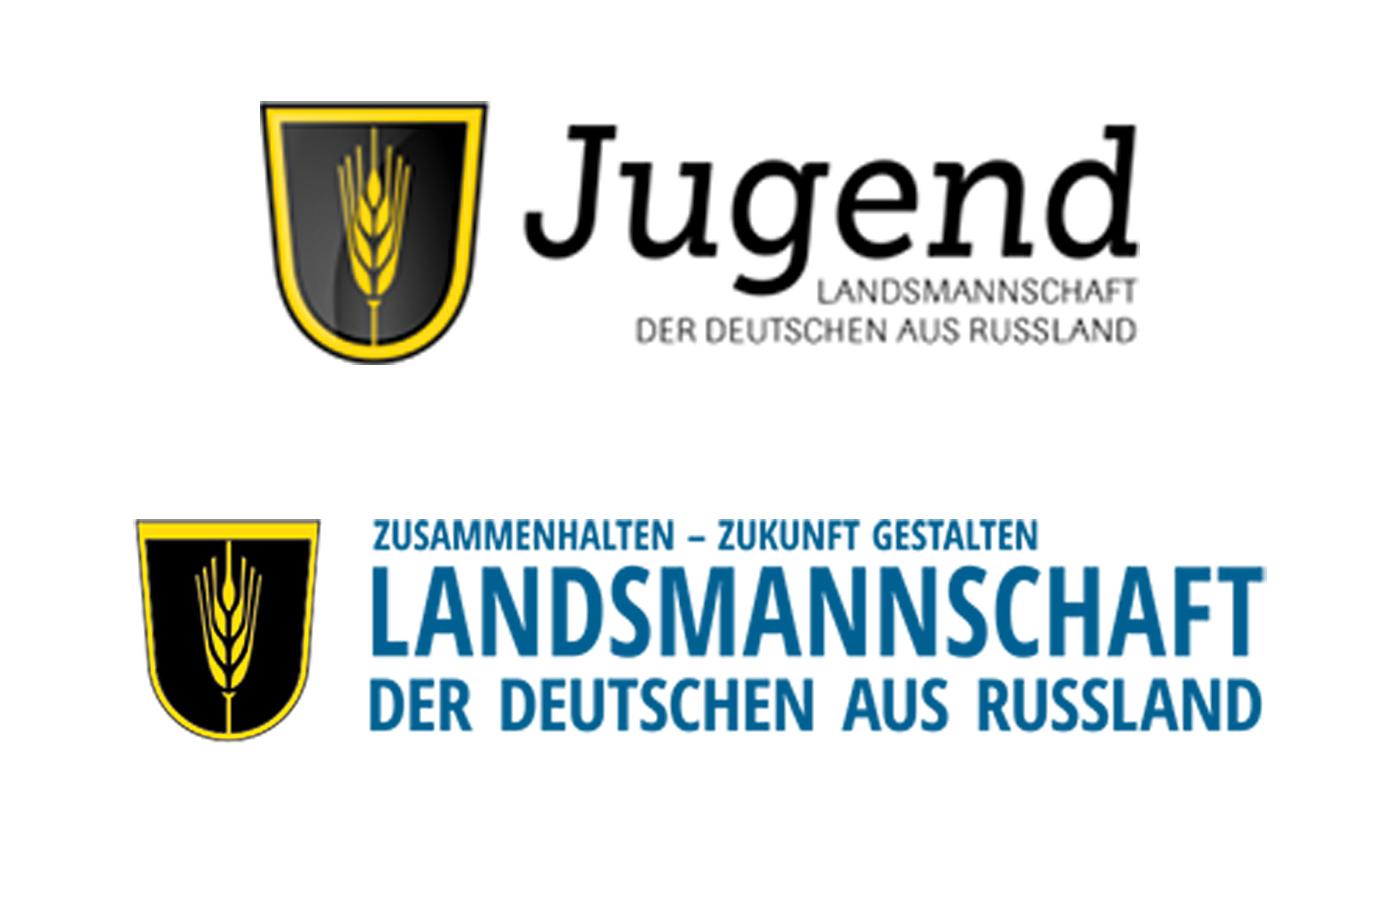 Landsmannschaft der Deutschen aus Russland gratuliert VDJK